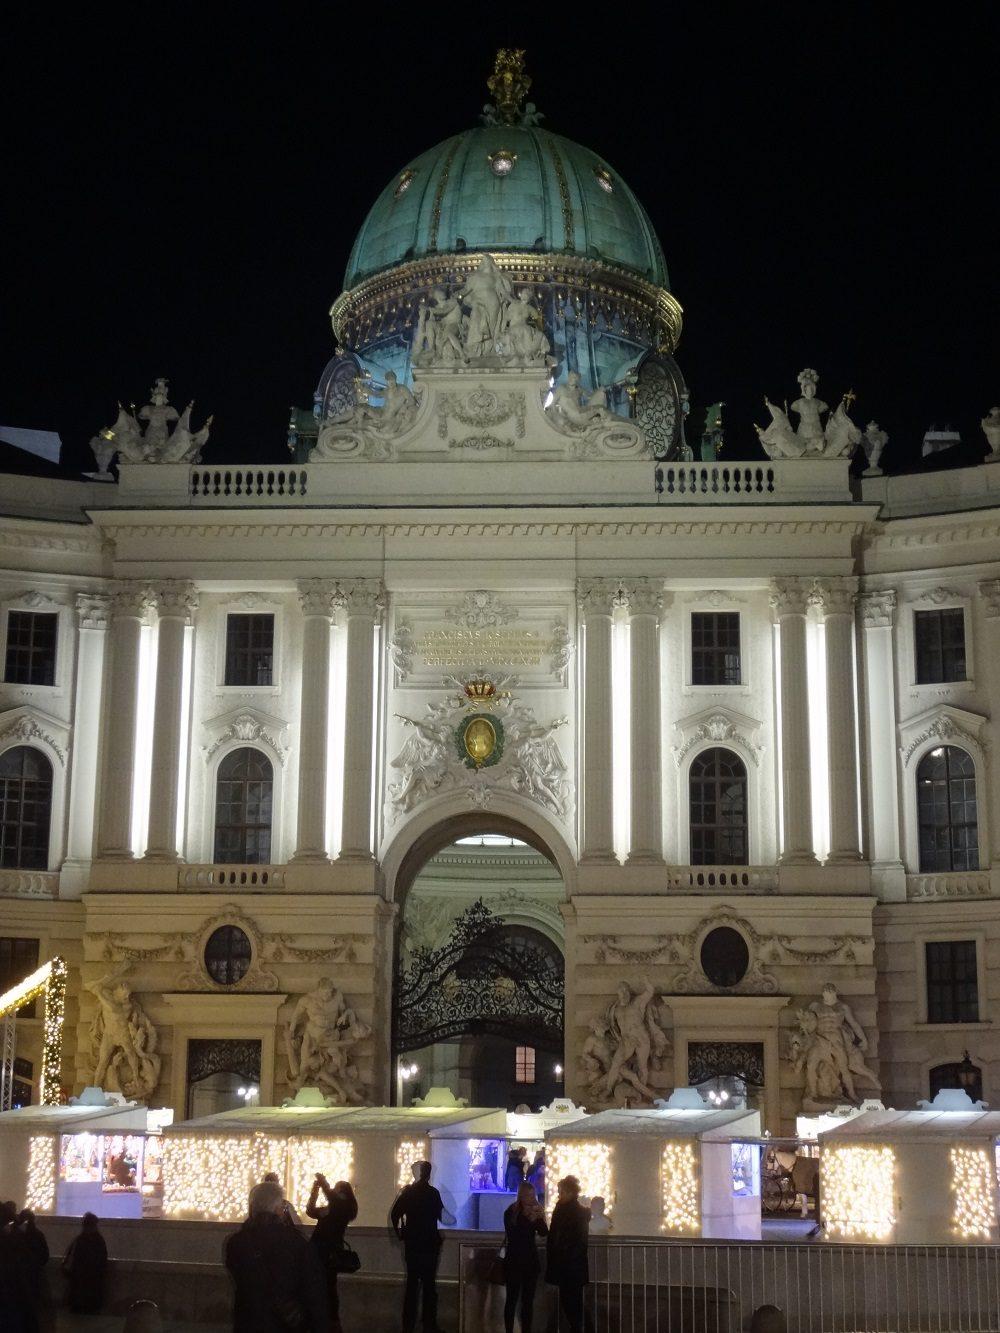 Weihnachtsbeleuchtung-Wiener Hofburg Michaelerplatz